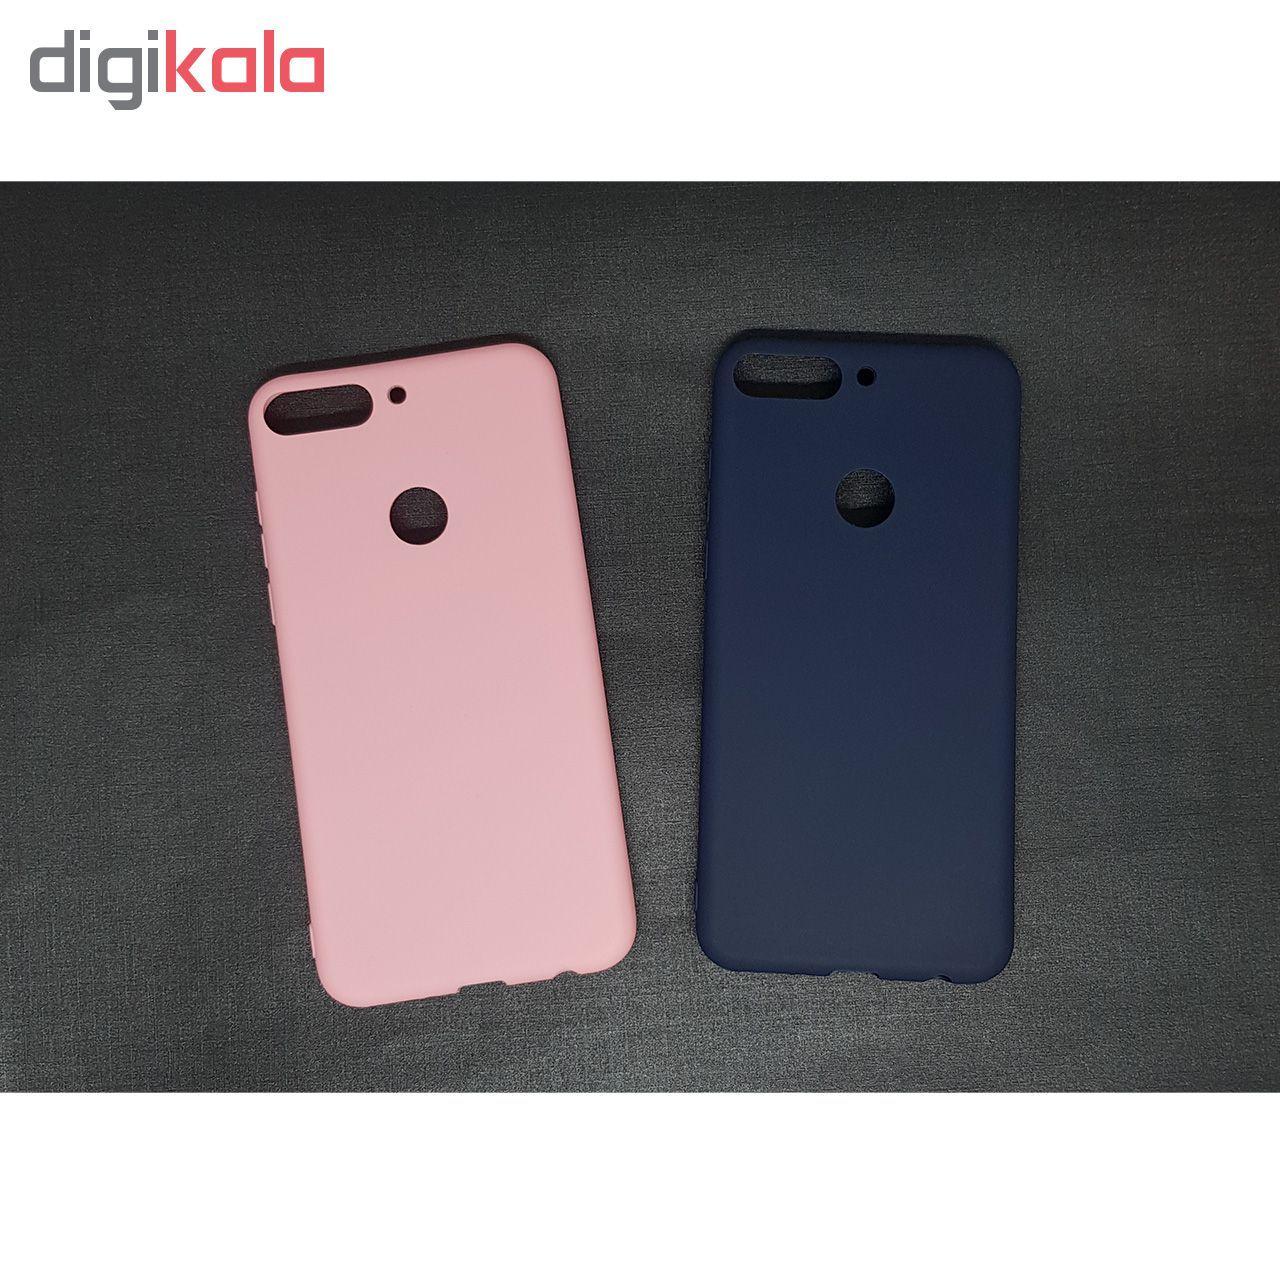 کاور مدل S-51 مناسب برای گوشی موبایل هوآوی Y7 prime 2018 main 1 1